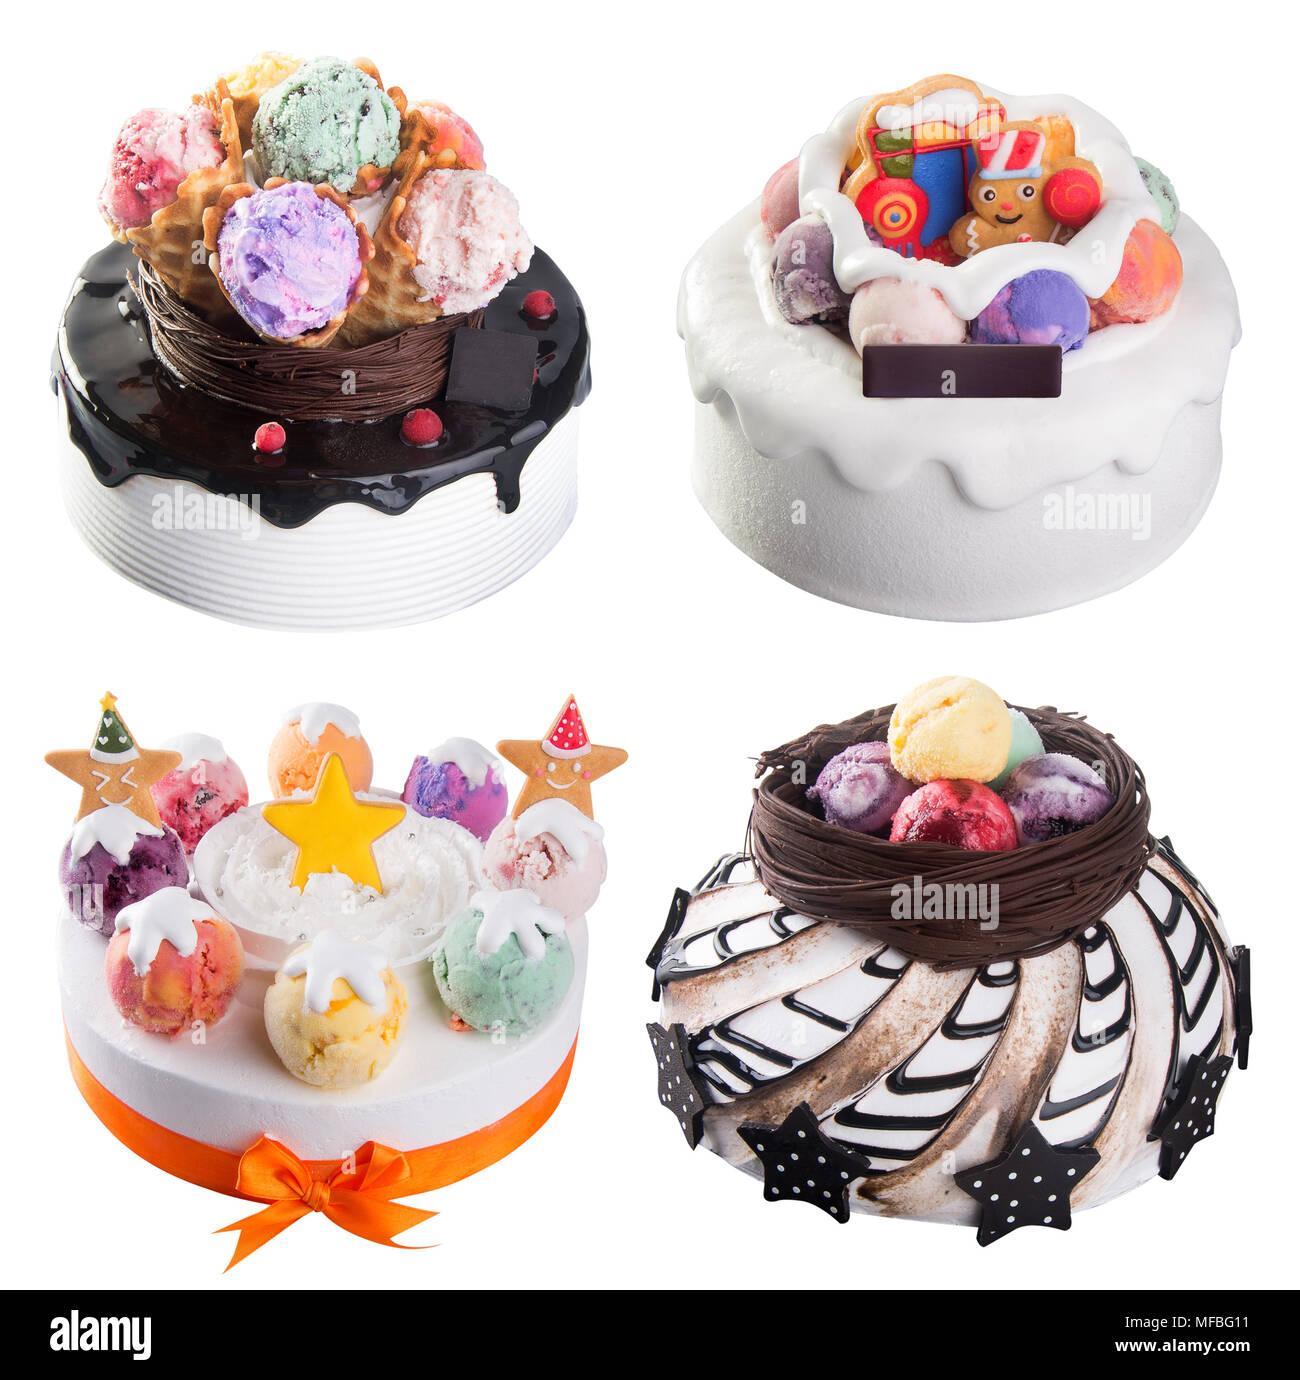 Kuchen Eis Kuchen Sammlung Fur Den Hintergrund Stockfoto Bild